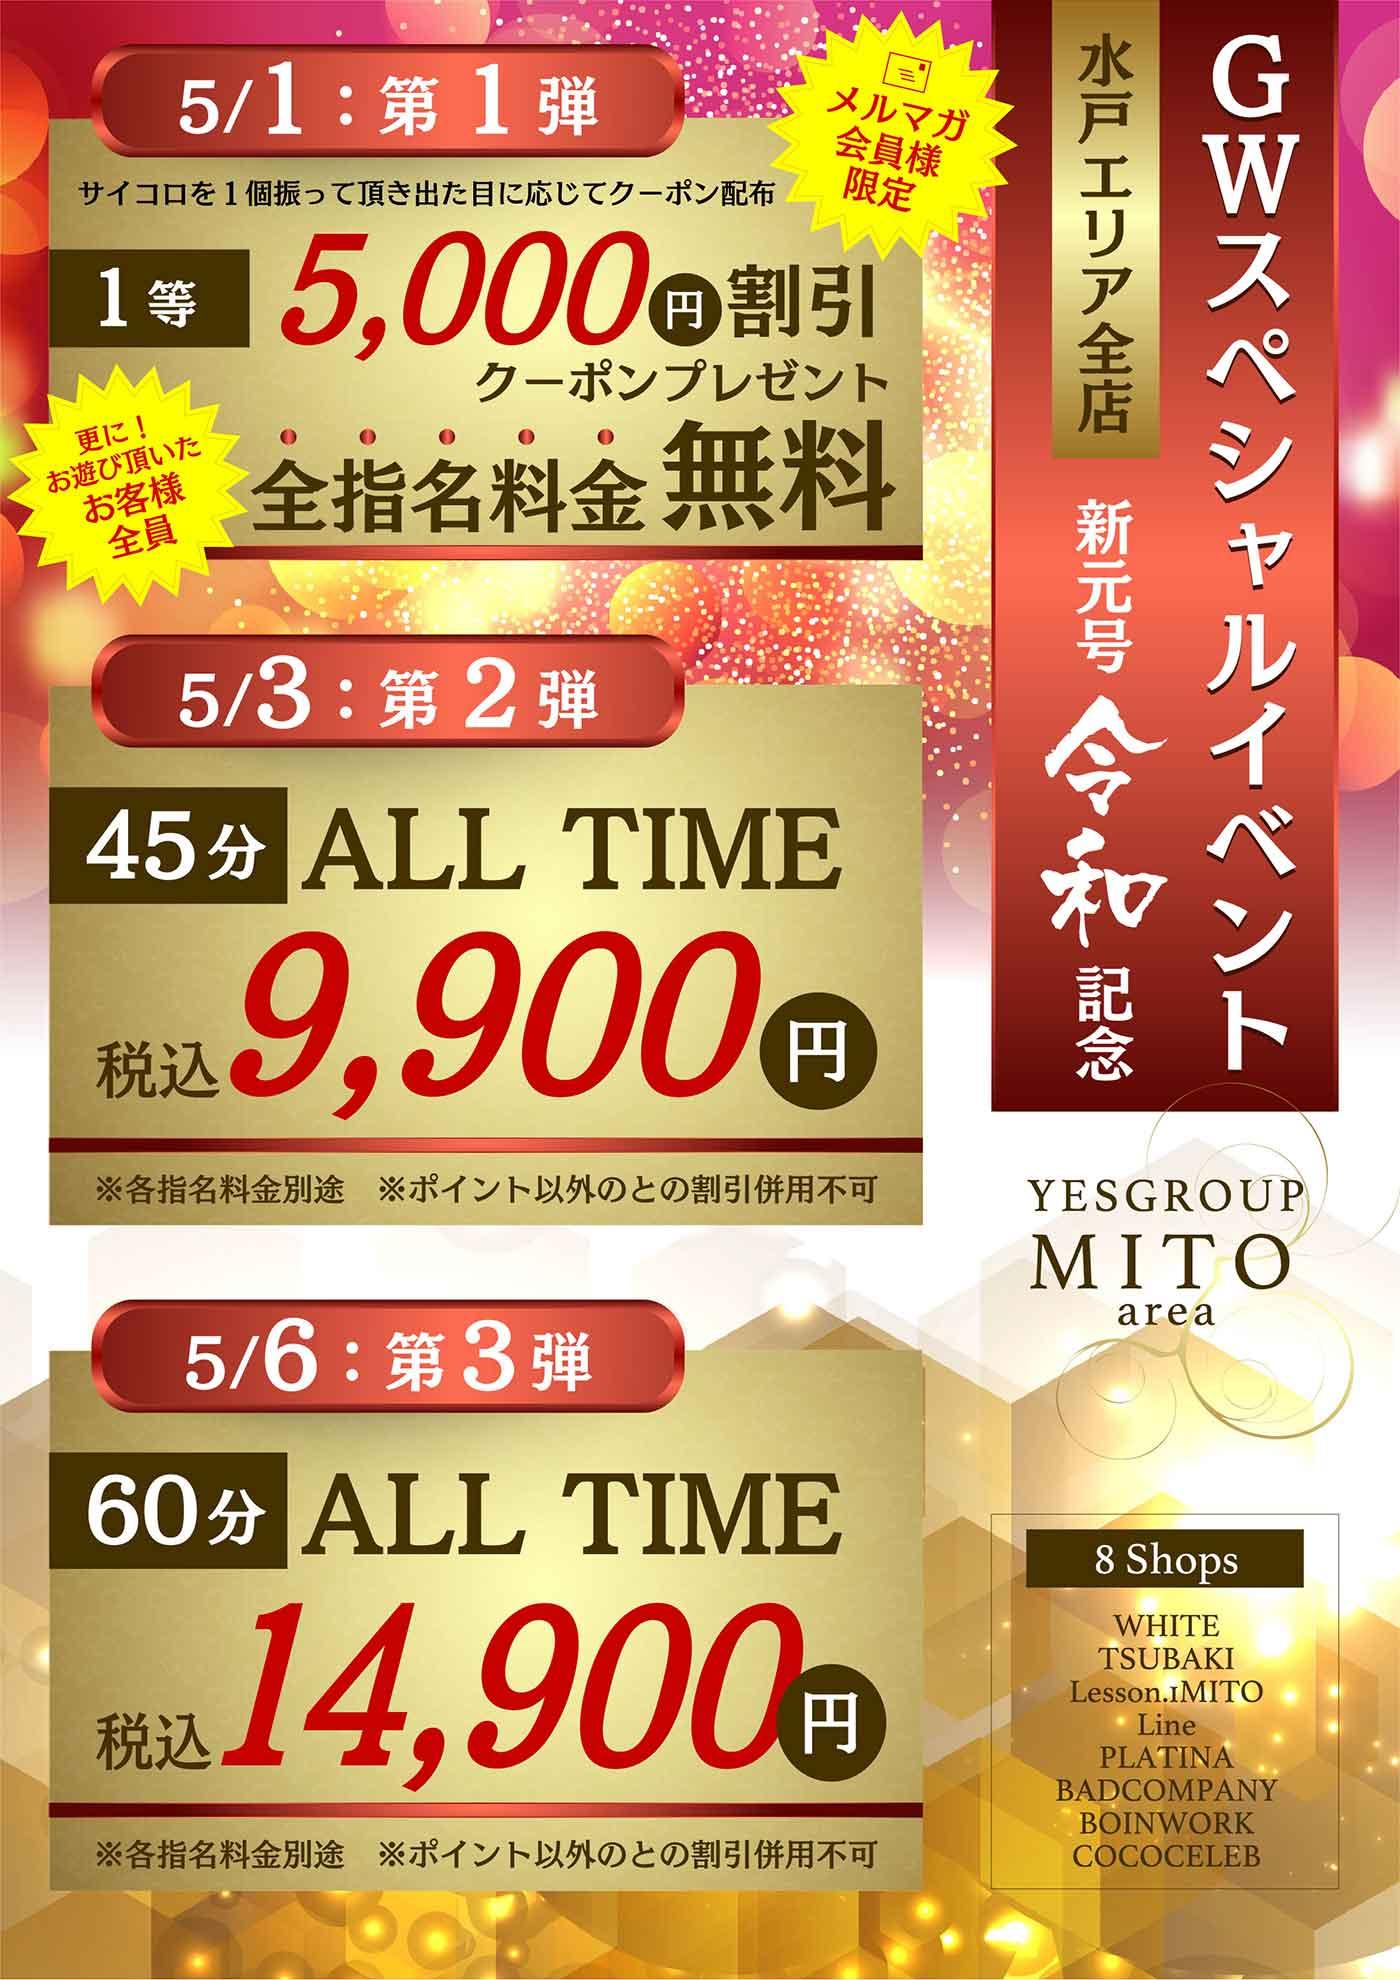 60分衝撃の10,000円!!!GWはなんと!?10,000円以内で遊べちゃう!?割引開催です!